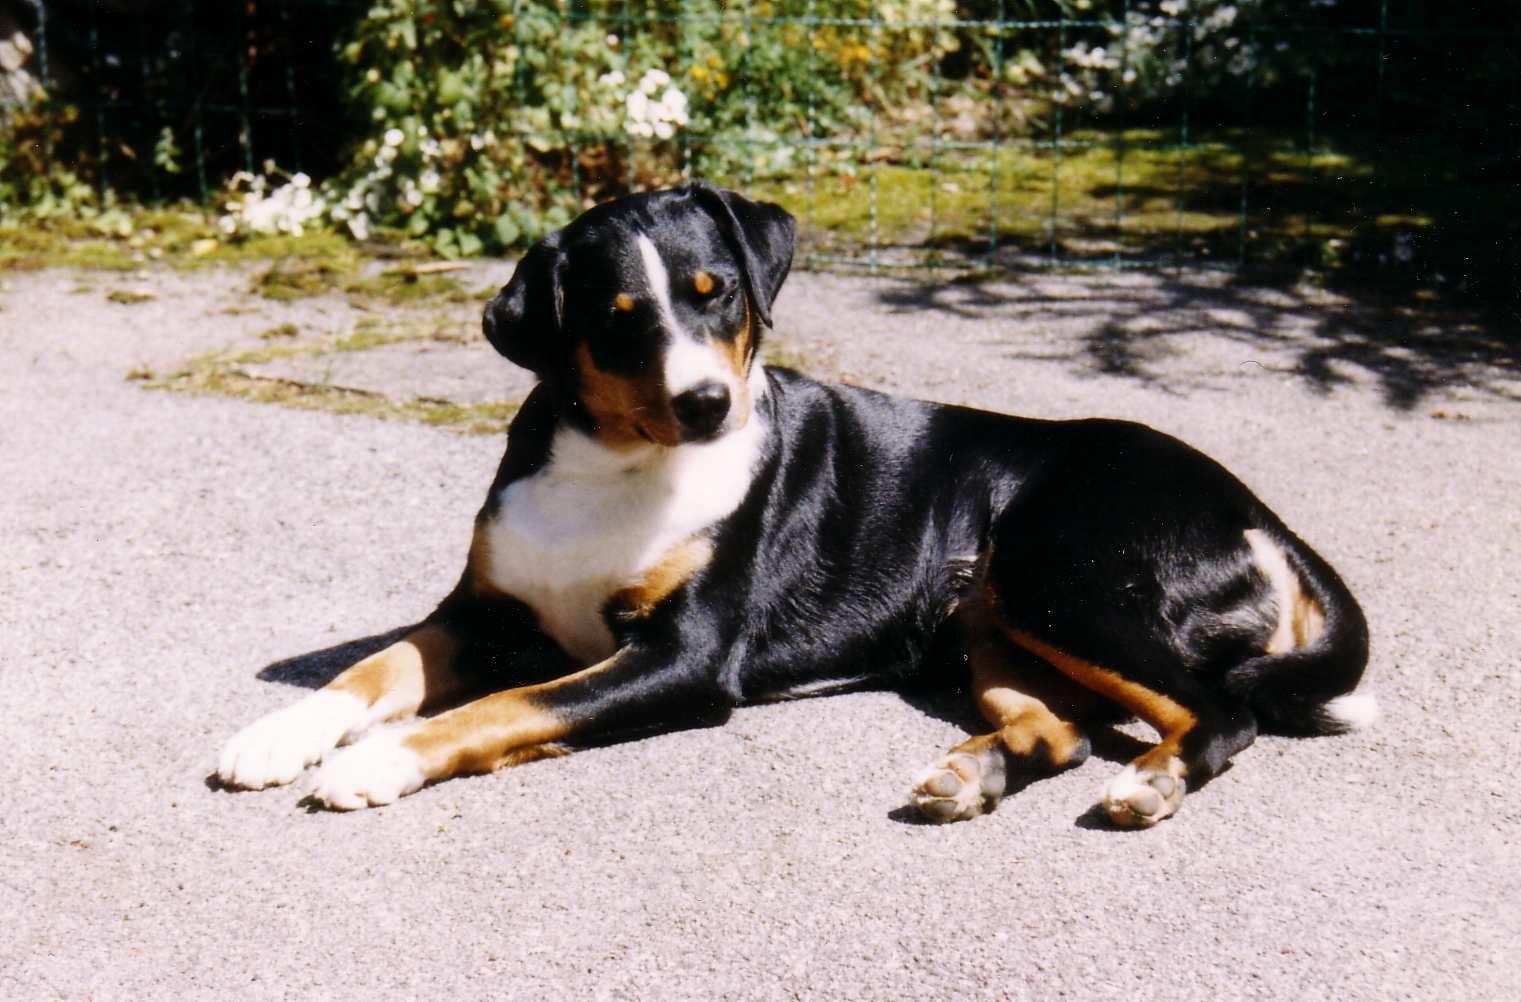 Google Image Result For Http Upload Wikimedia Org Wikipedia Commons 8 83 Appenzeller Sennenhund Jpg Sennenhund Seltene Hunderassen Appenzeller Sennenhund